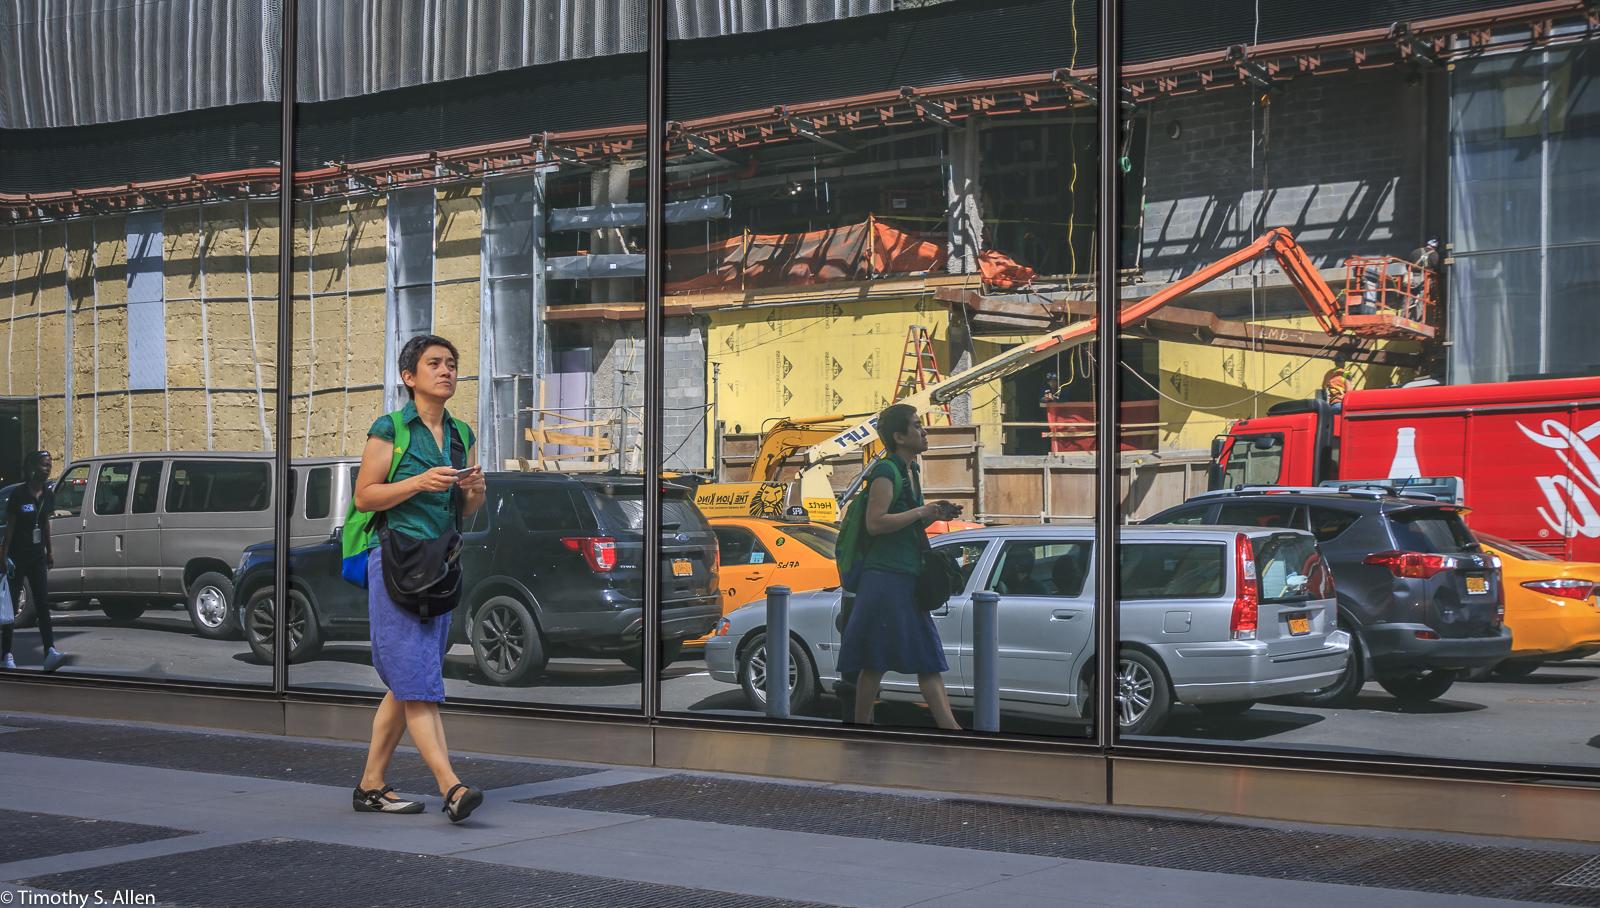 10th Ave, New York City, NY, U.S.A. September 13, 2017